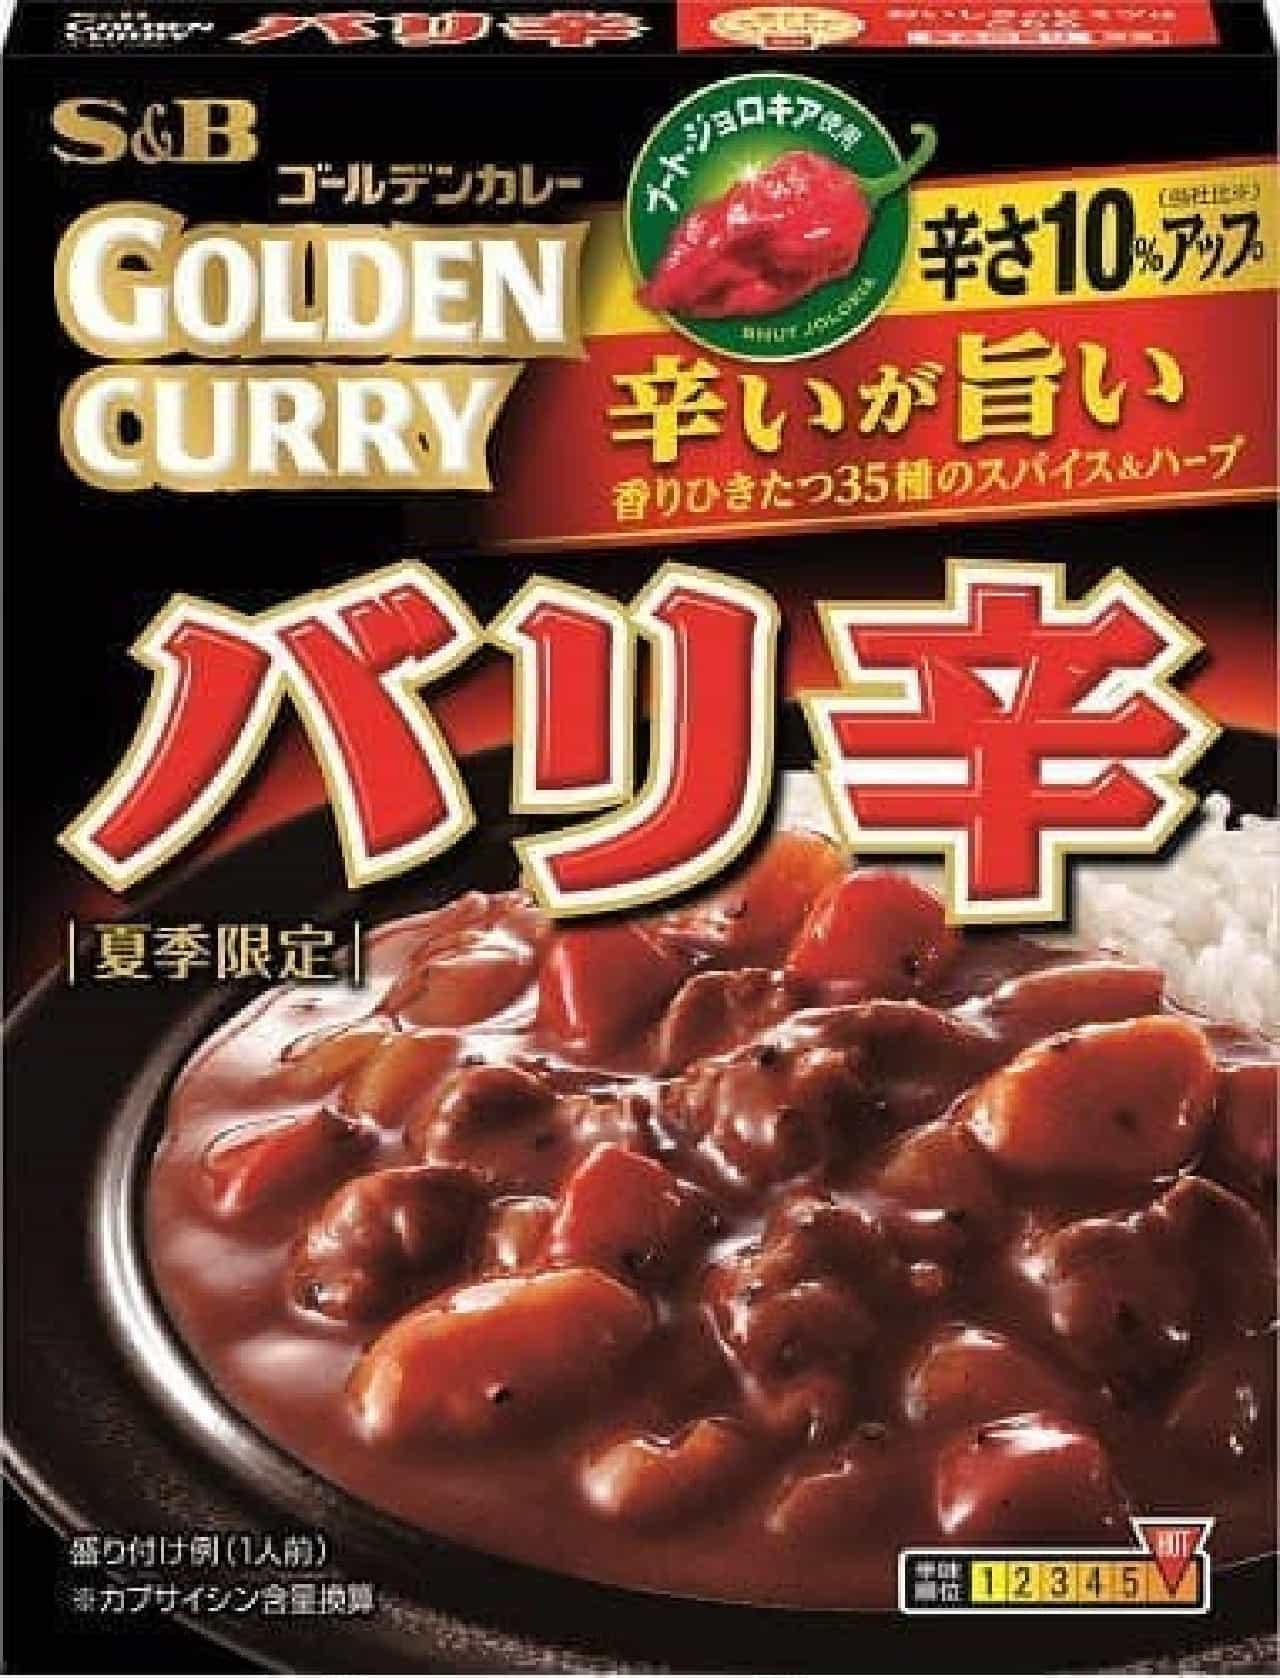 エスビー食品「ゴールデンカレー バリ辛レトルト」